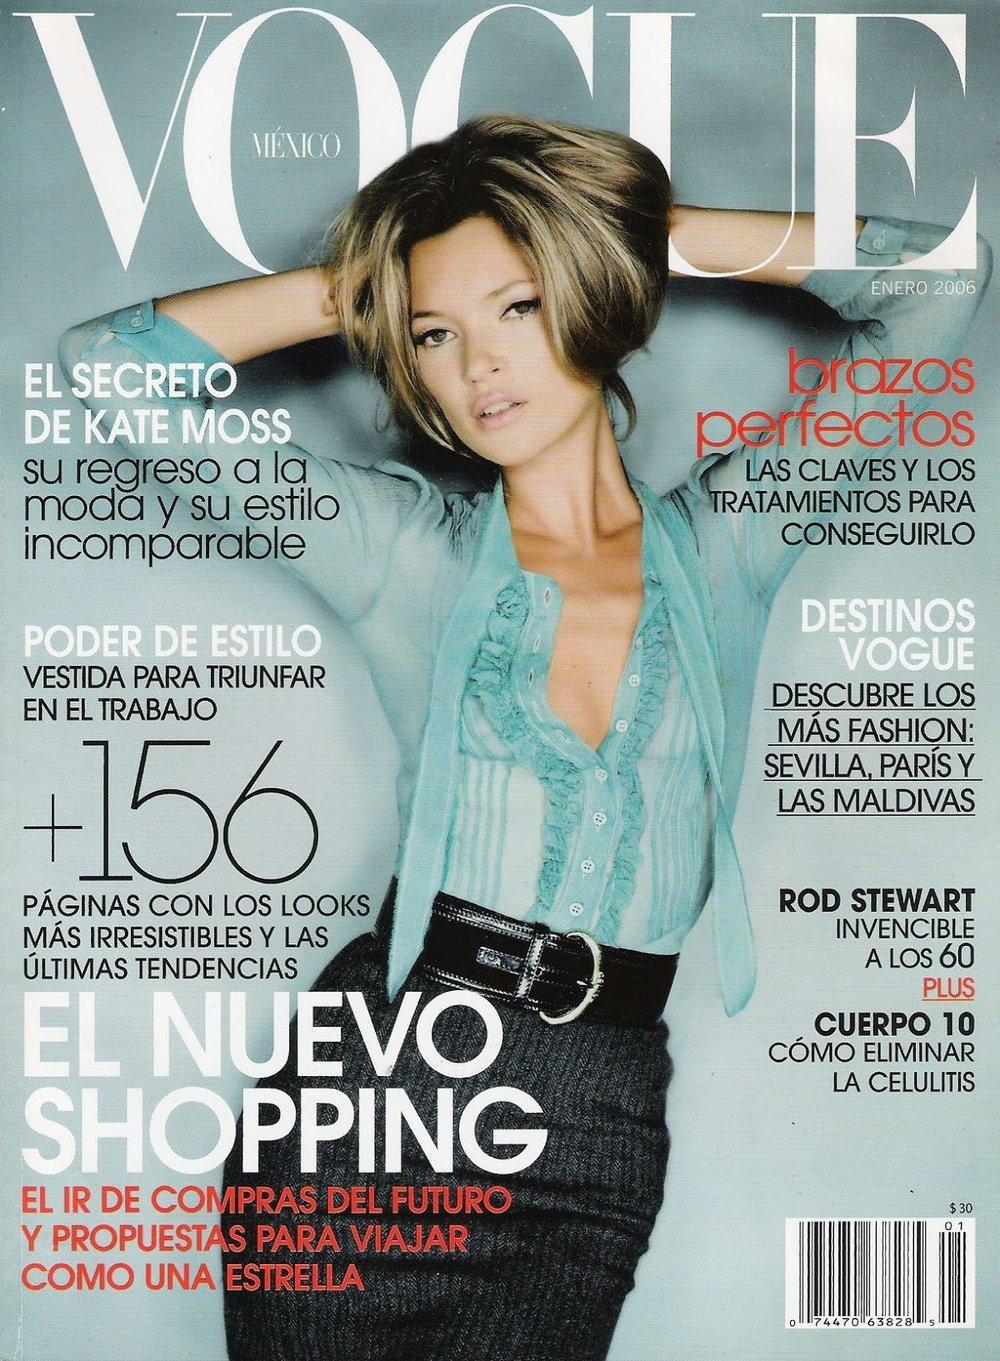 Vogue Mexico January 2006